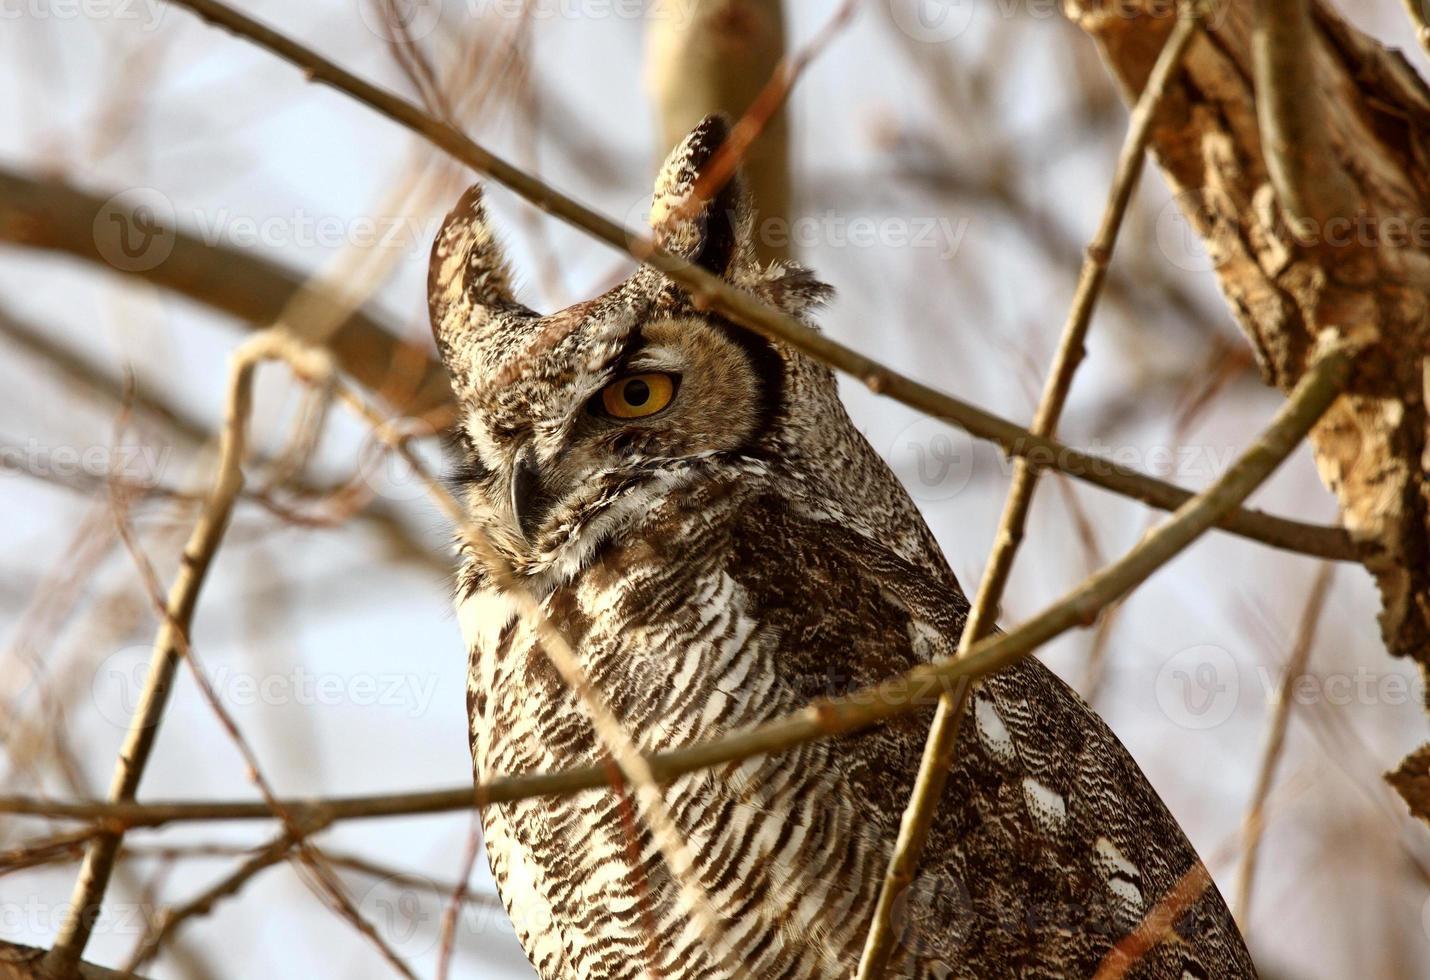 Corujão empoleirado na árvore de inverno foto